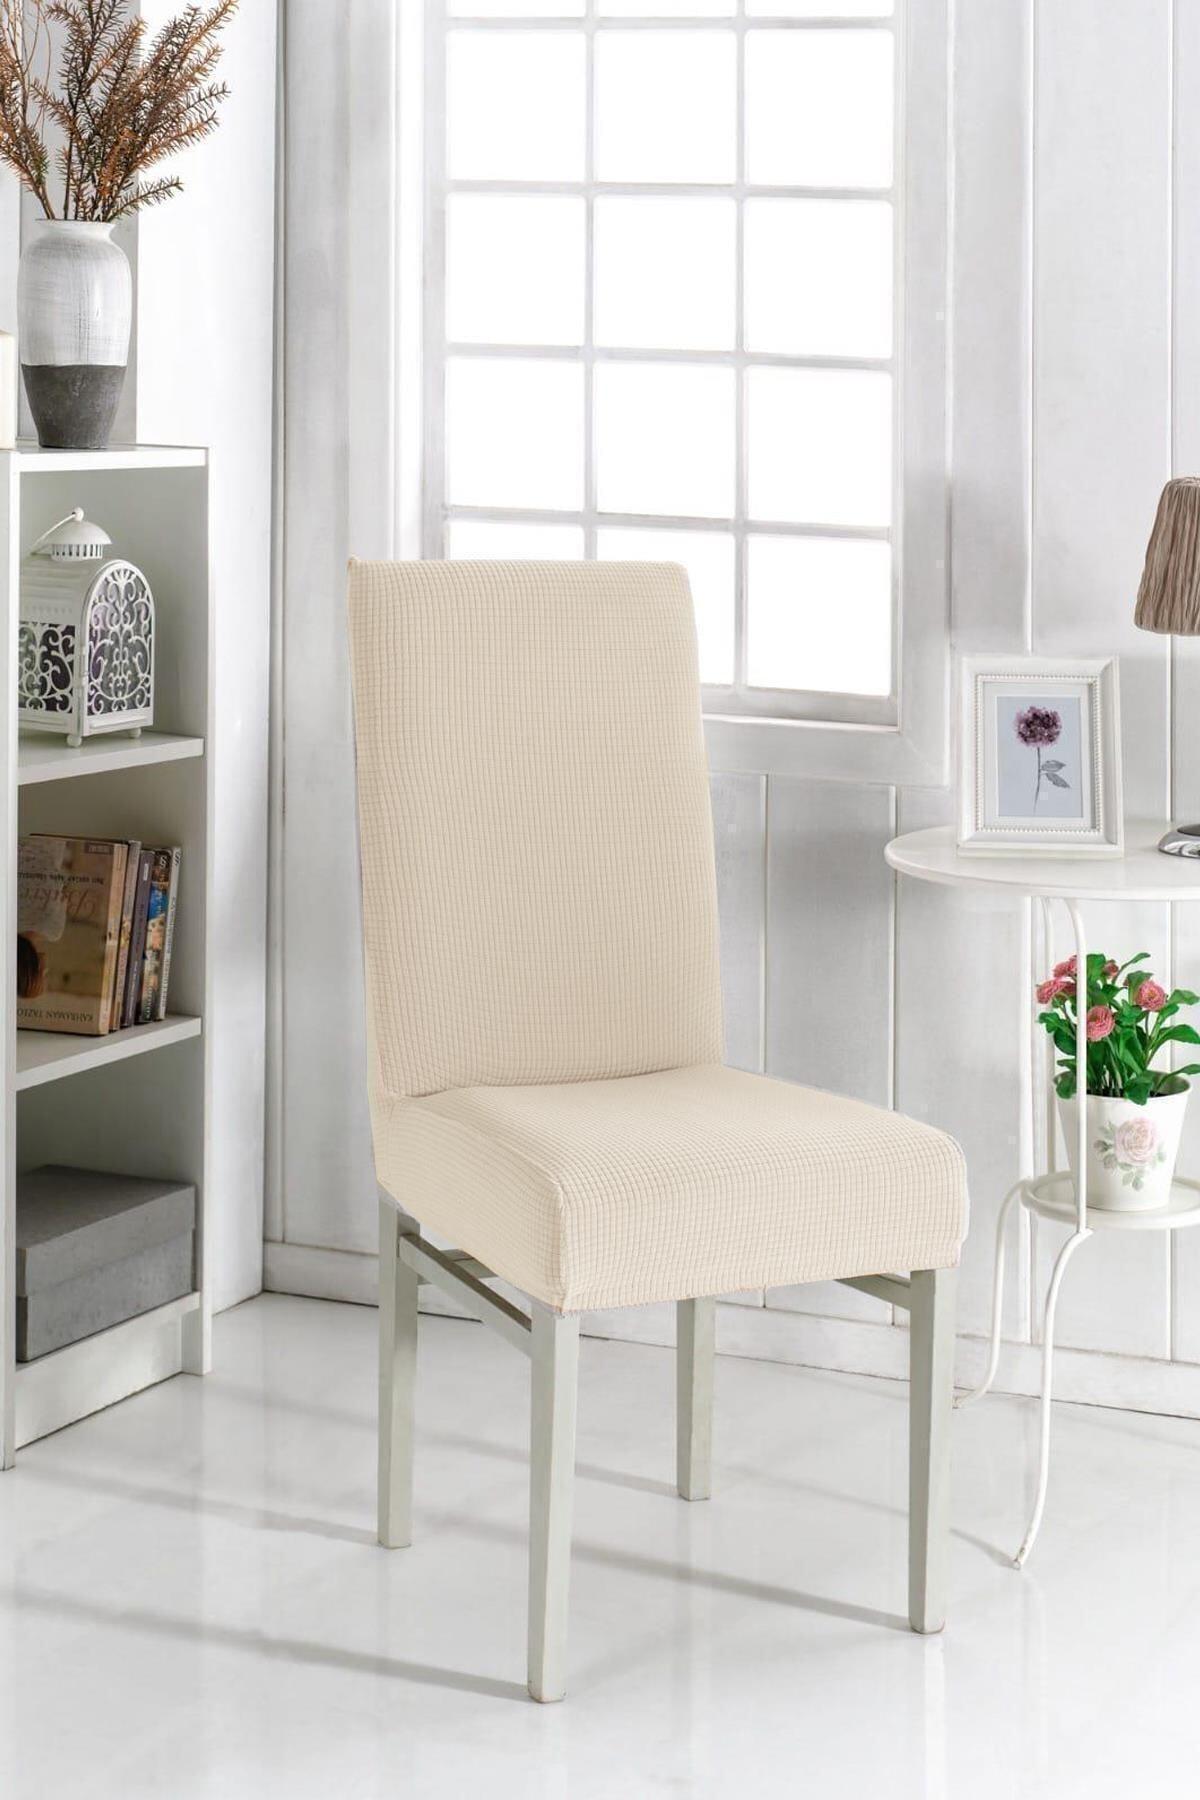 Sandalye Kılıfı Likralı Krem Renk Yıkanabilir Lastikli Sandalye Örtüsü